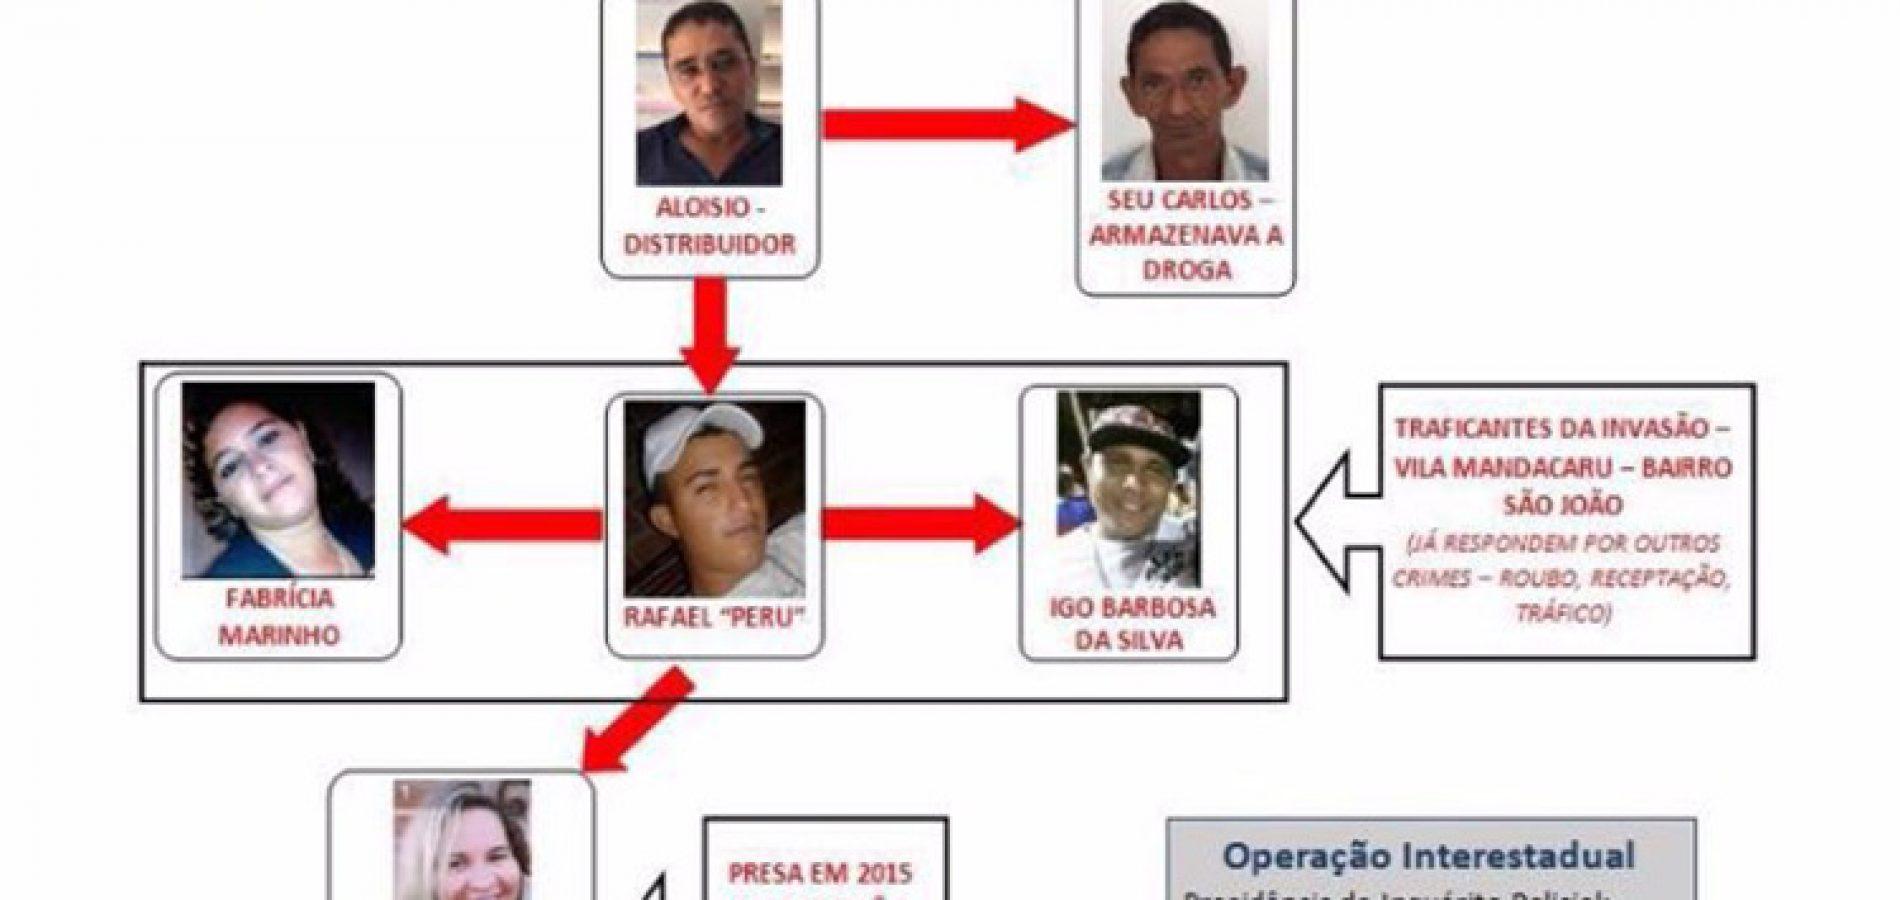 Polícia desarticula quadrilha do tráfico e prende 10 no Piauí